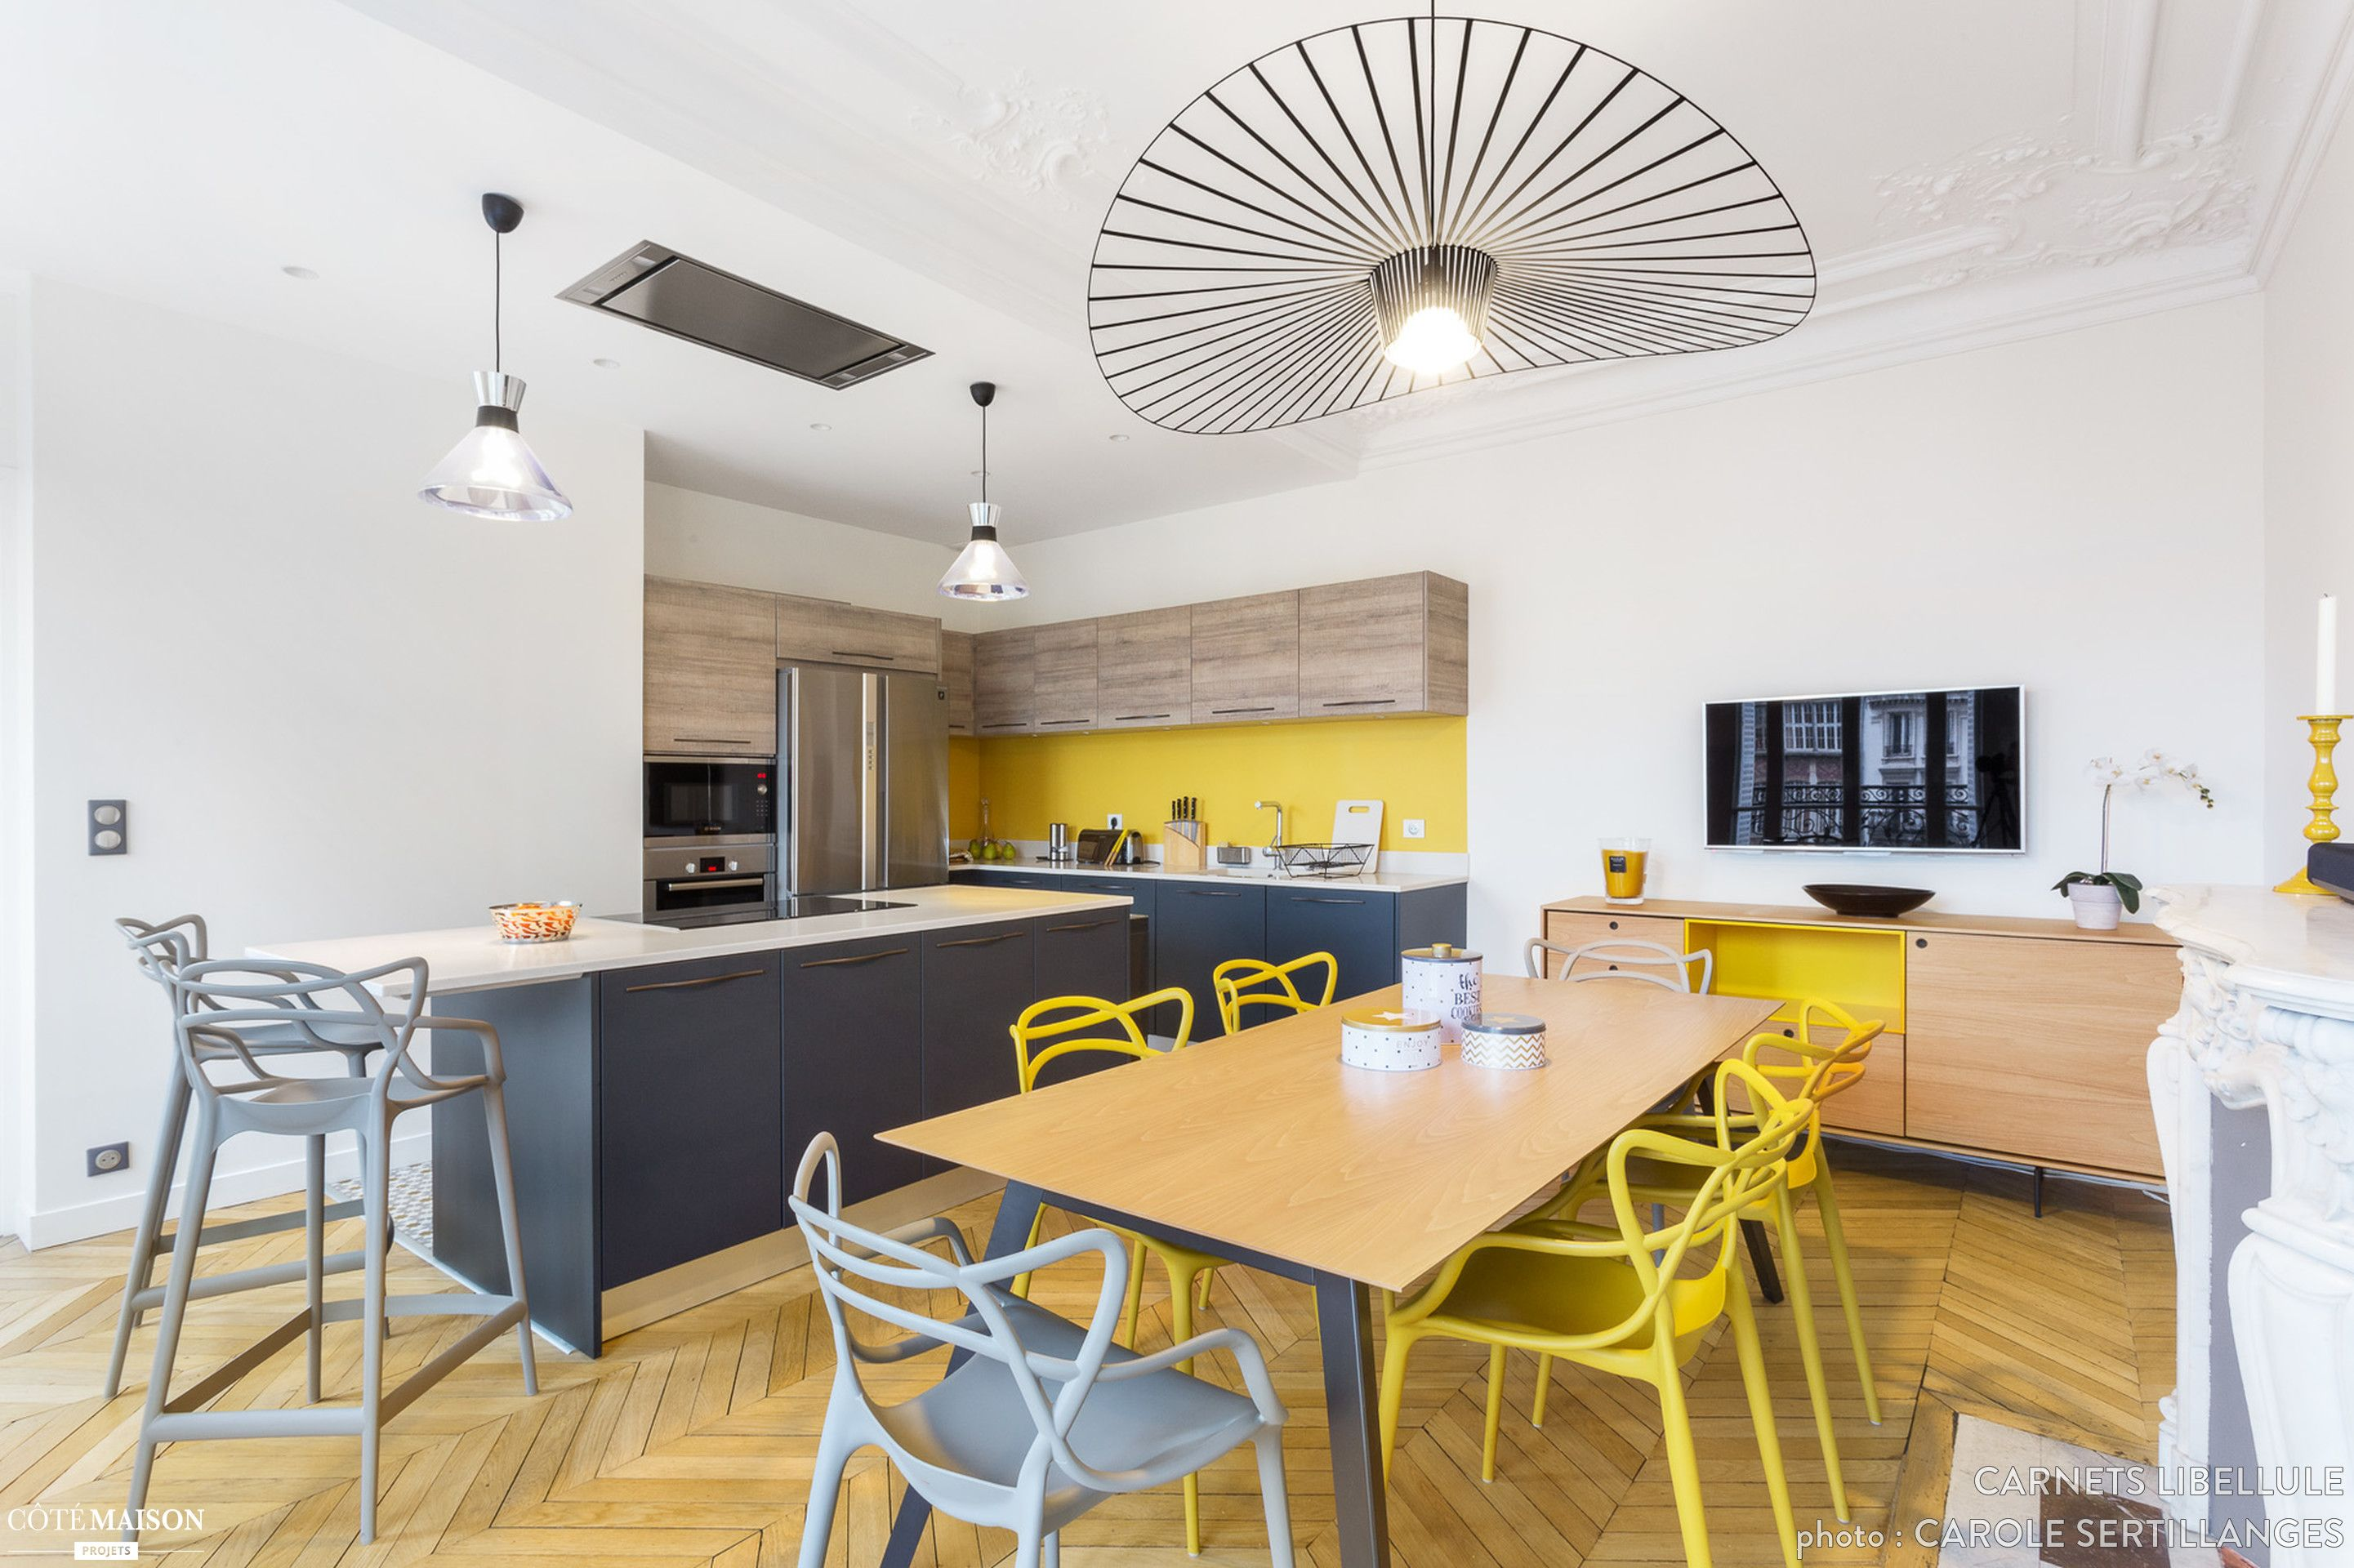 Cuisine moderne dans un appartement Haussmannien, Paris